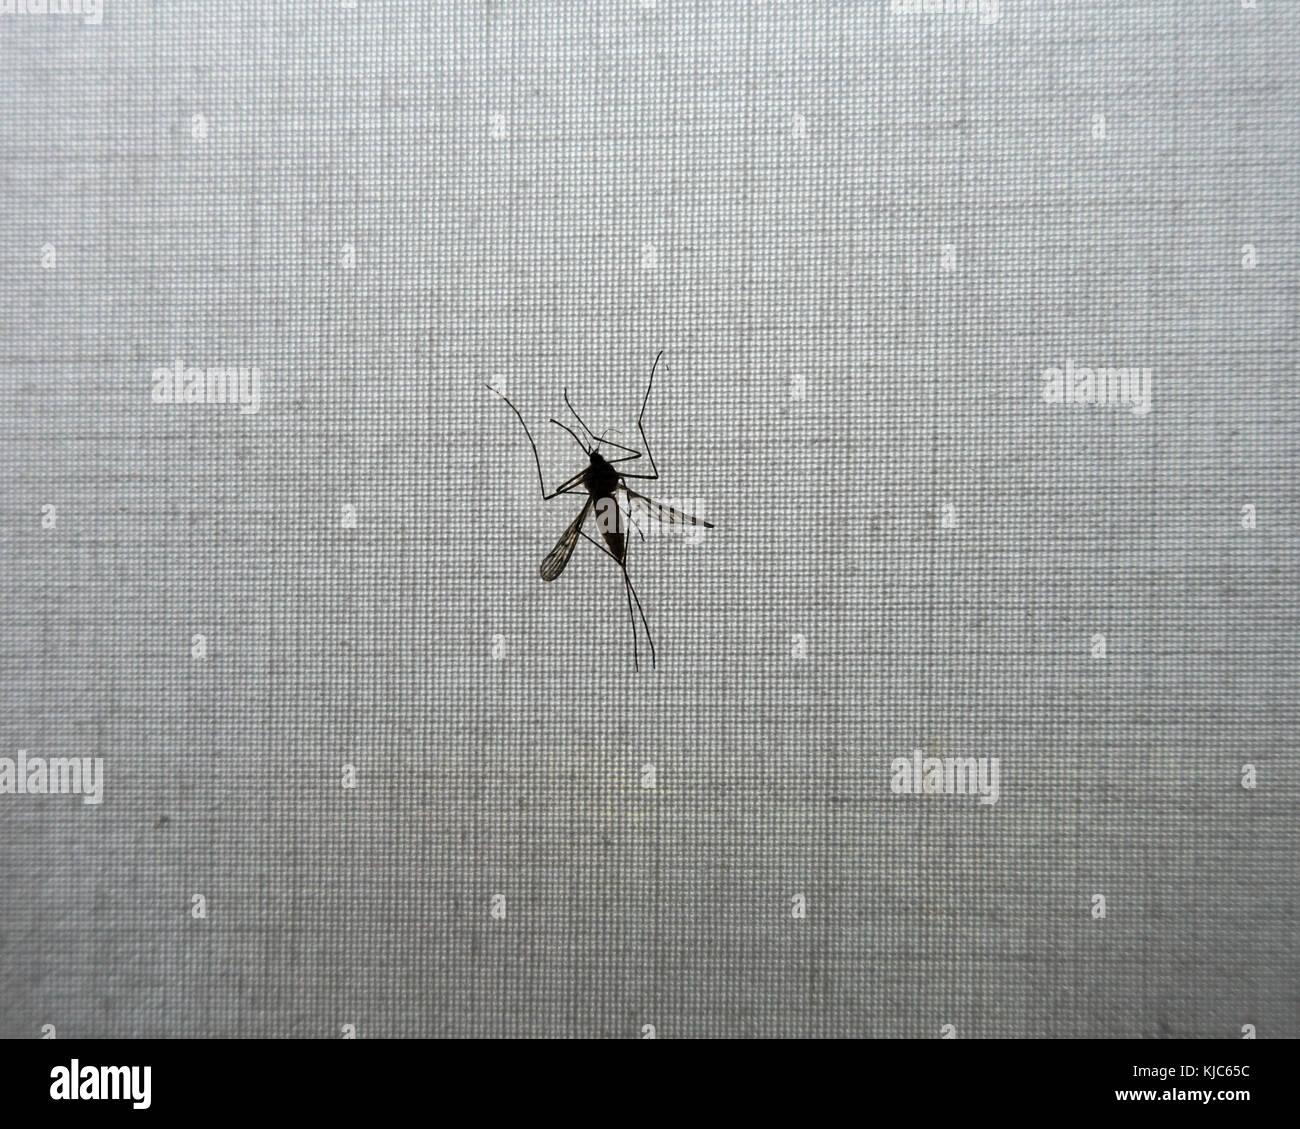 fly-trapped-on-roller-blind-KJC65C.jpg